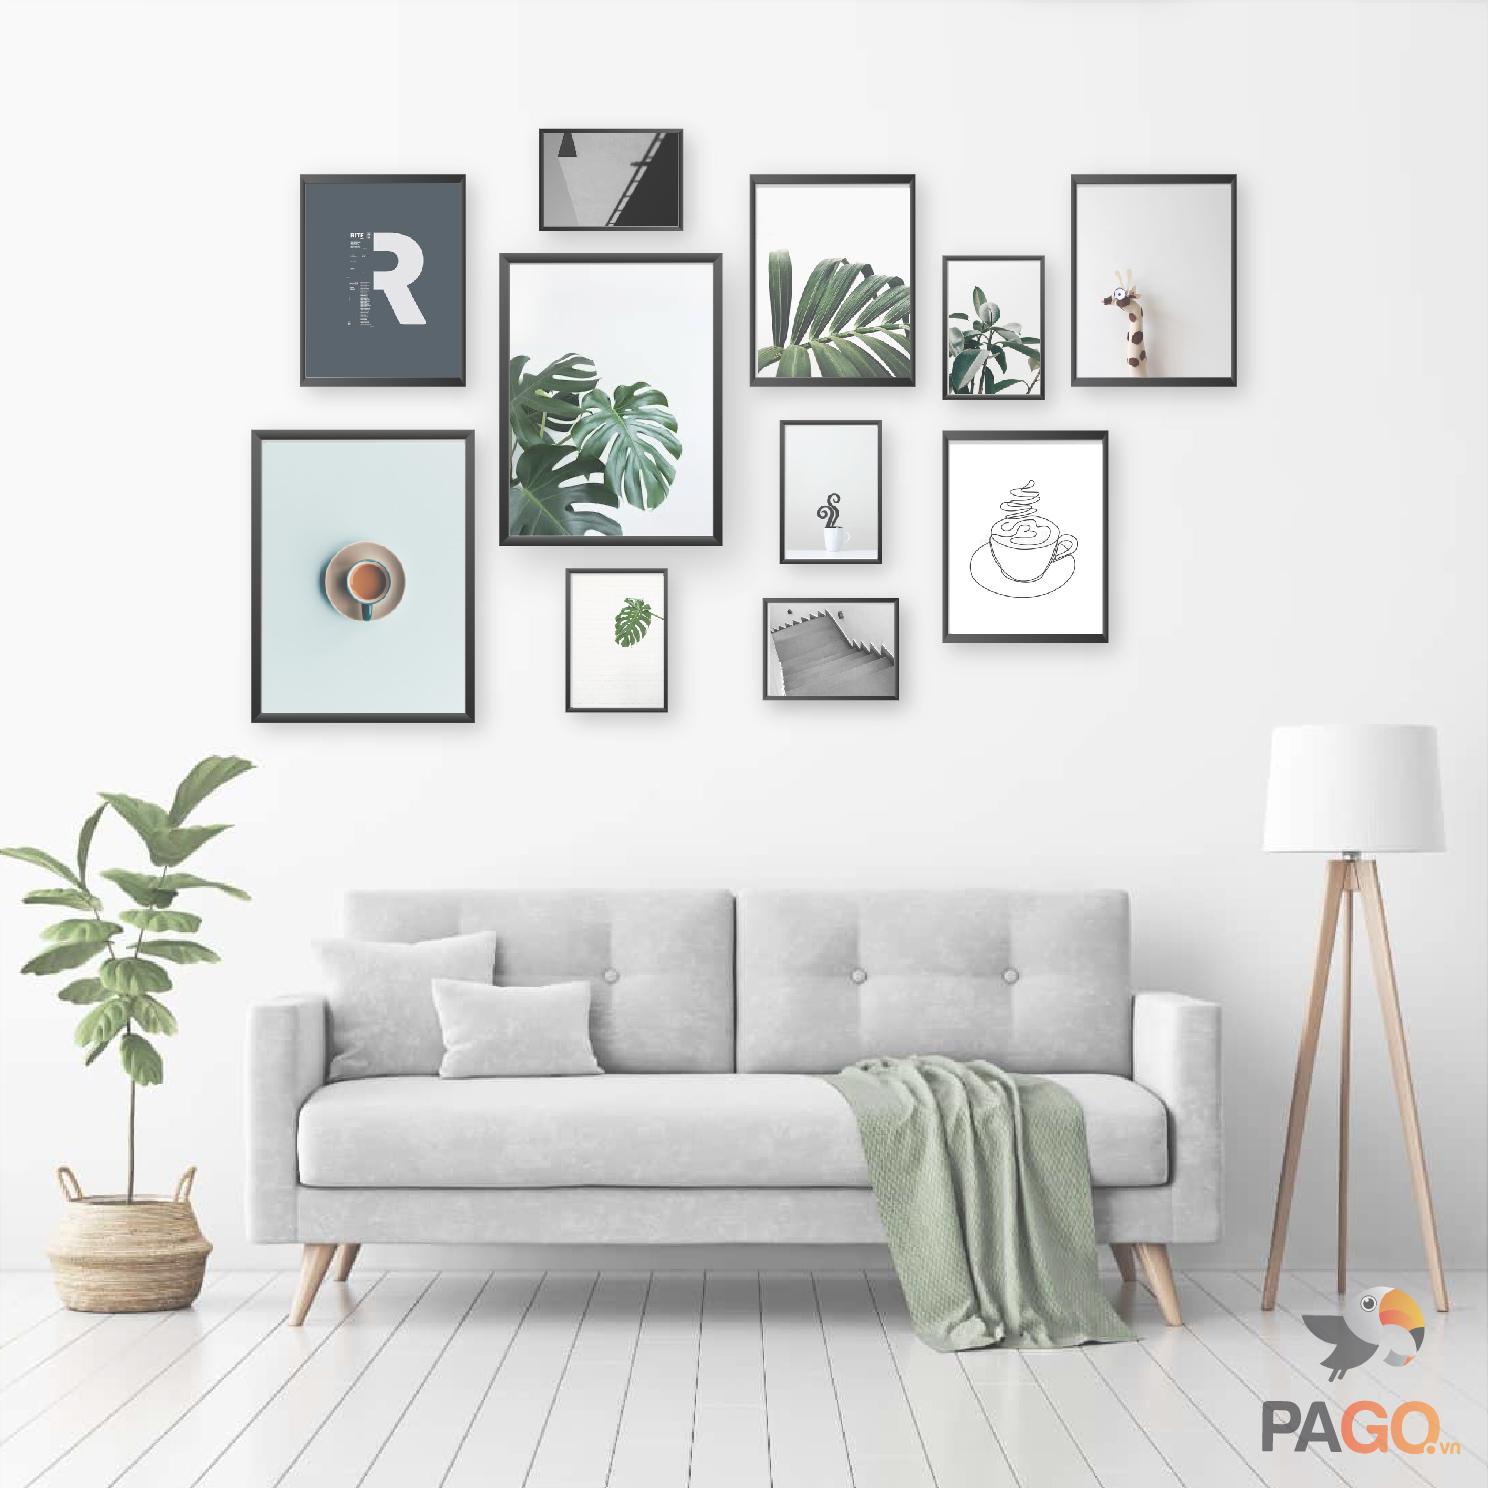 Combo 11 khung ảnh gỗ trang trí nghệ thuật kèm hình – C11-30251310